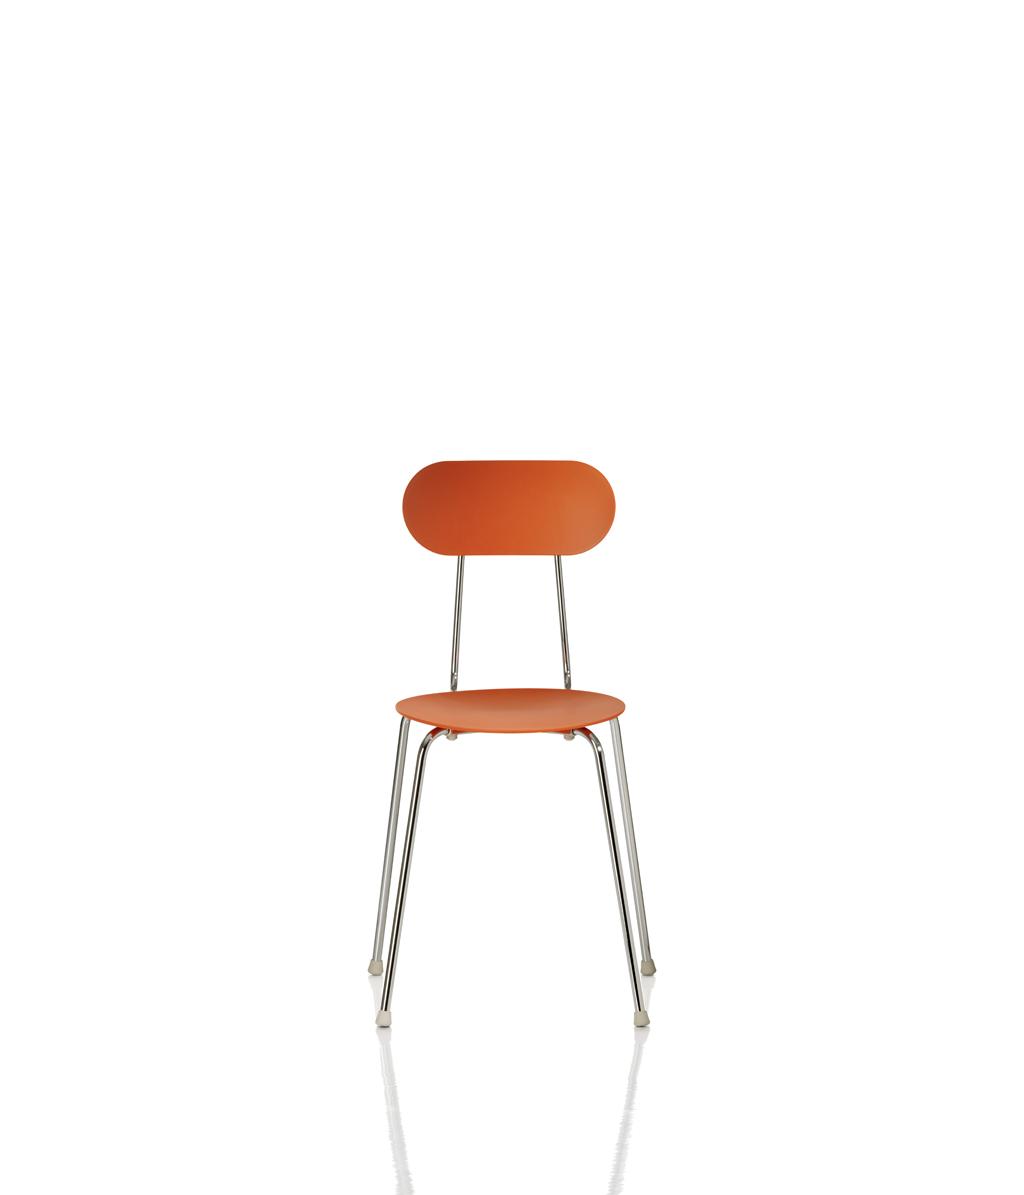 Enzo Mari Mariolina Chair